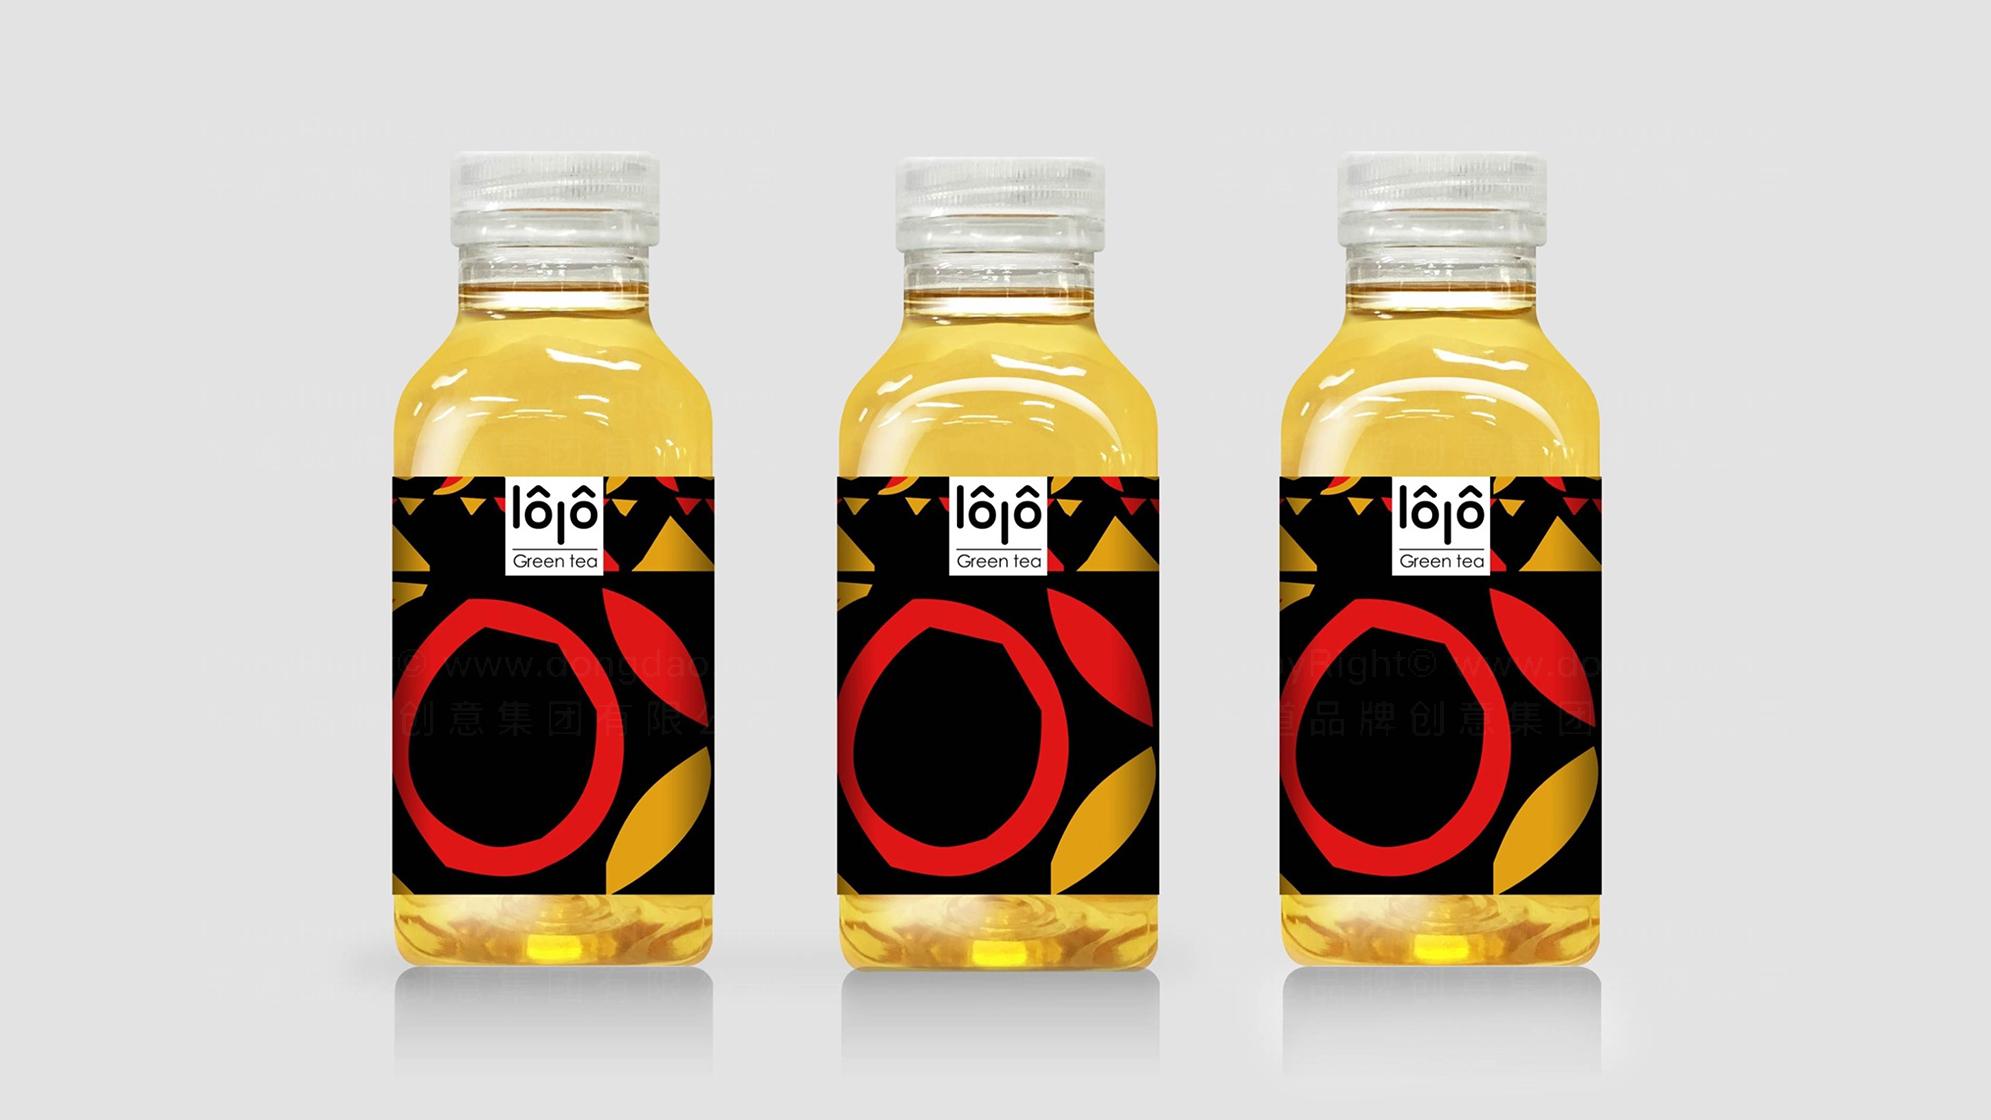 品牌设计彝族loloLOGO&文创设计应用场景